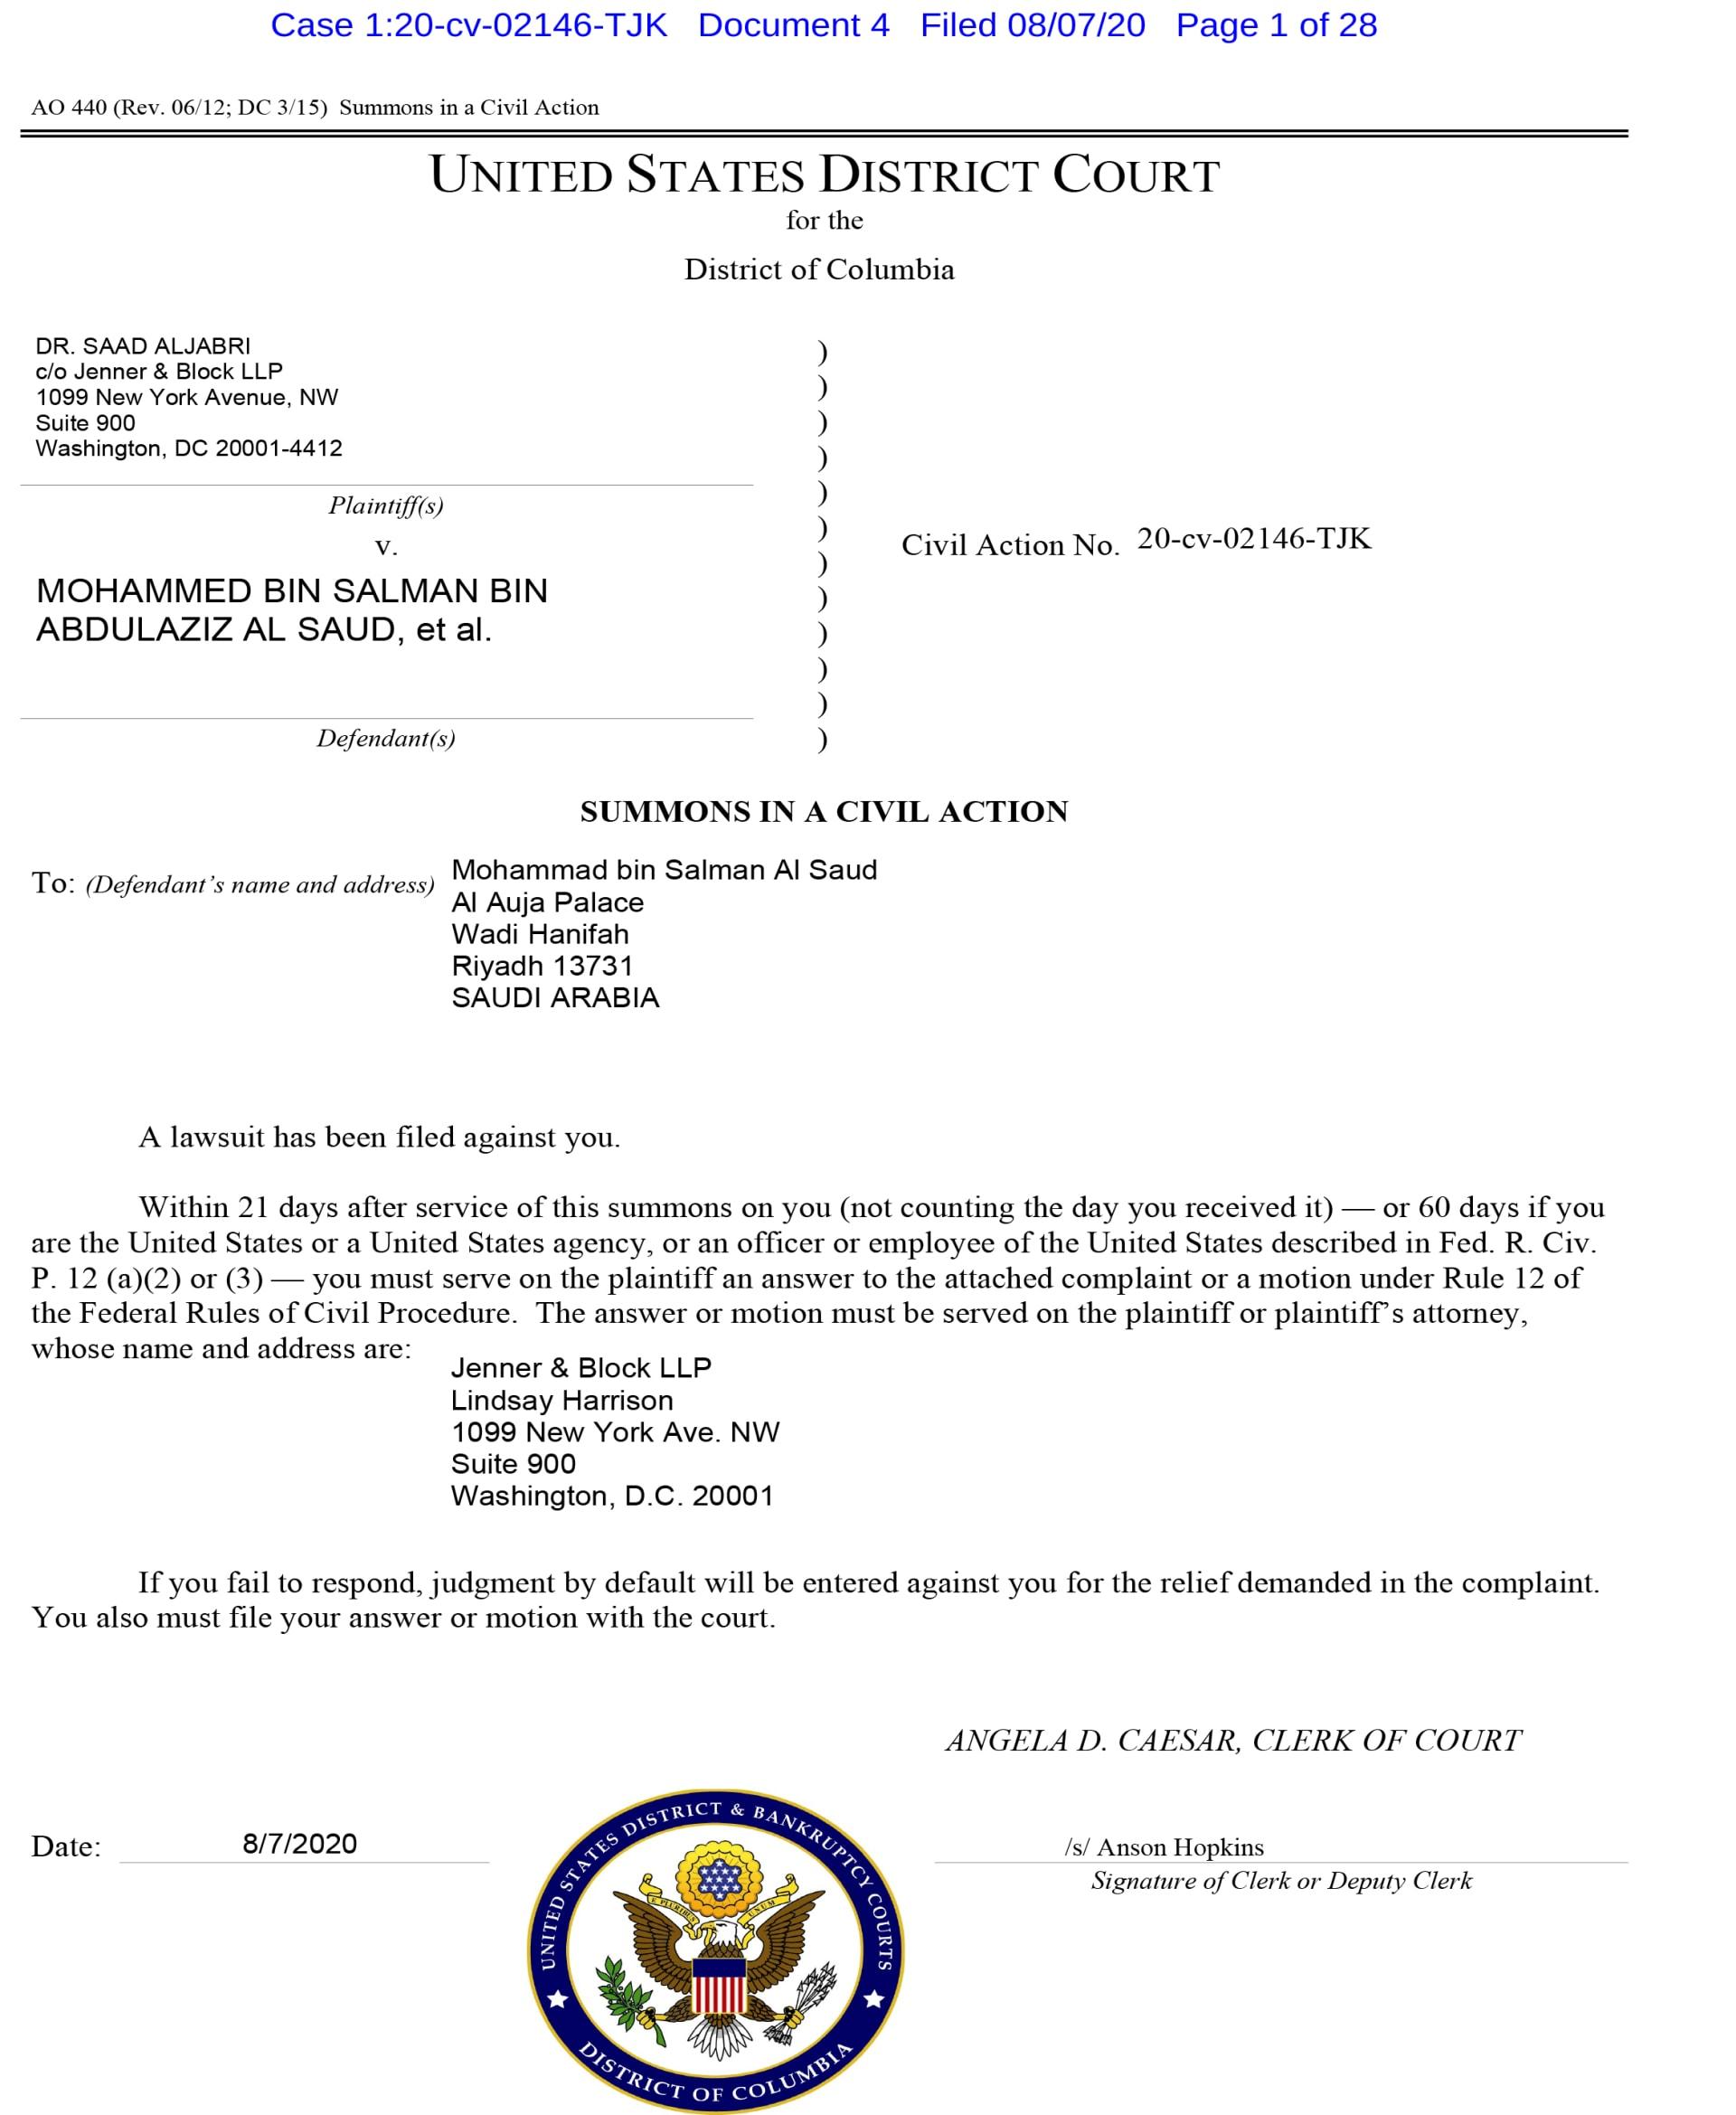 صورة من مذكرة المحكمة إلى الأمير محمد بن سلمان